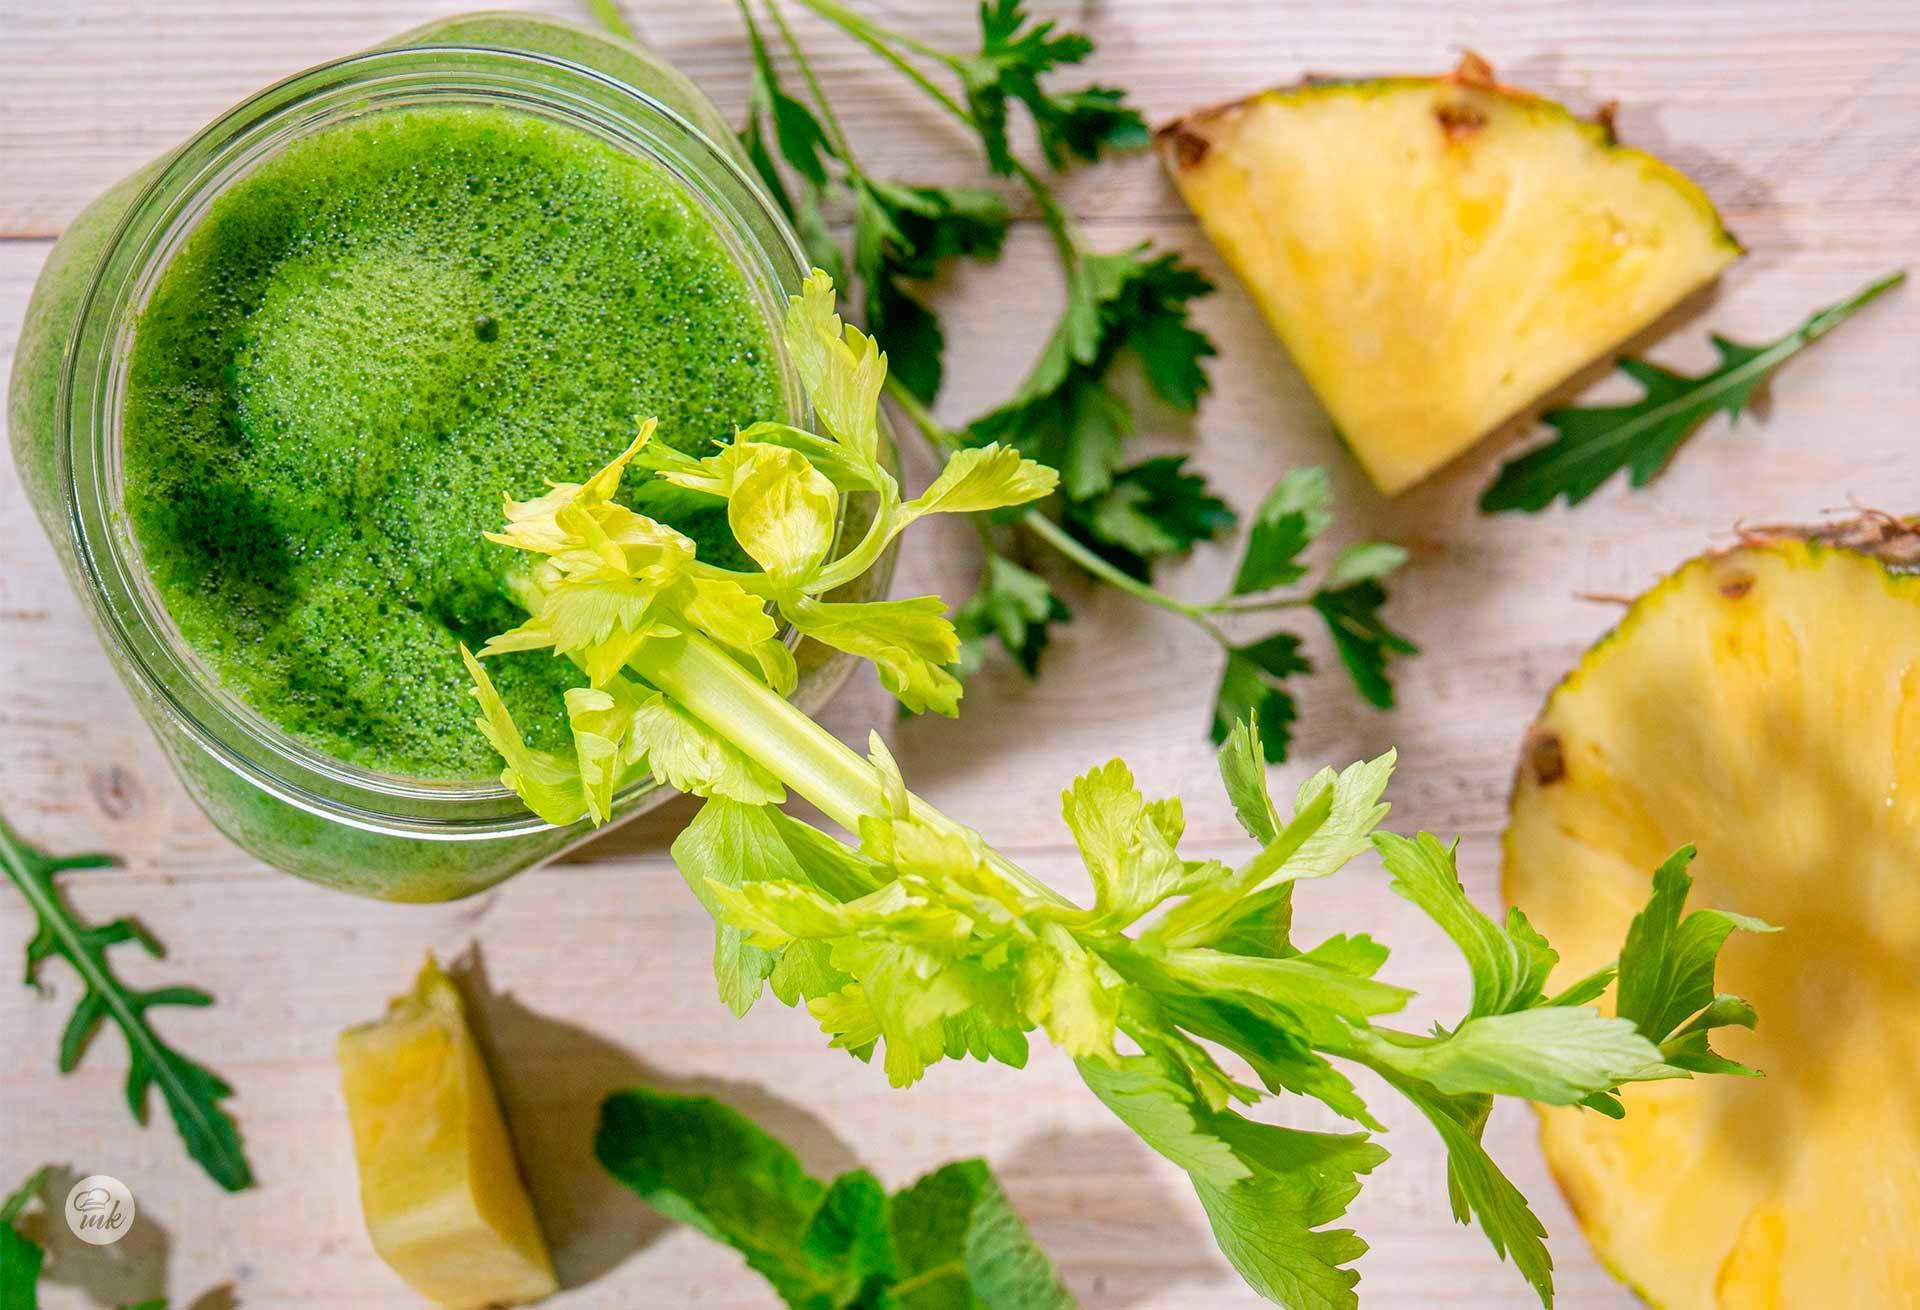 Магданозено смути с ананас, селъри, рукола и АФА